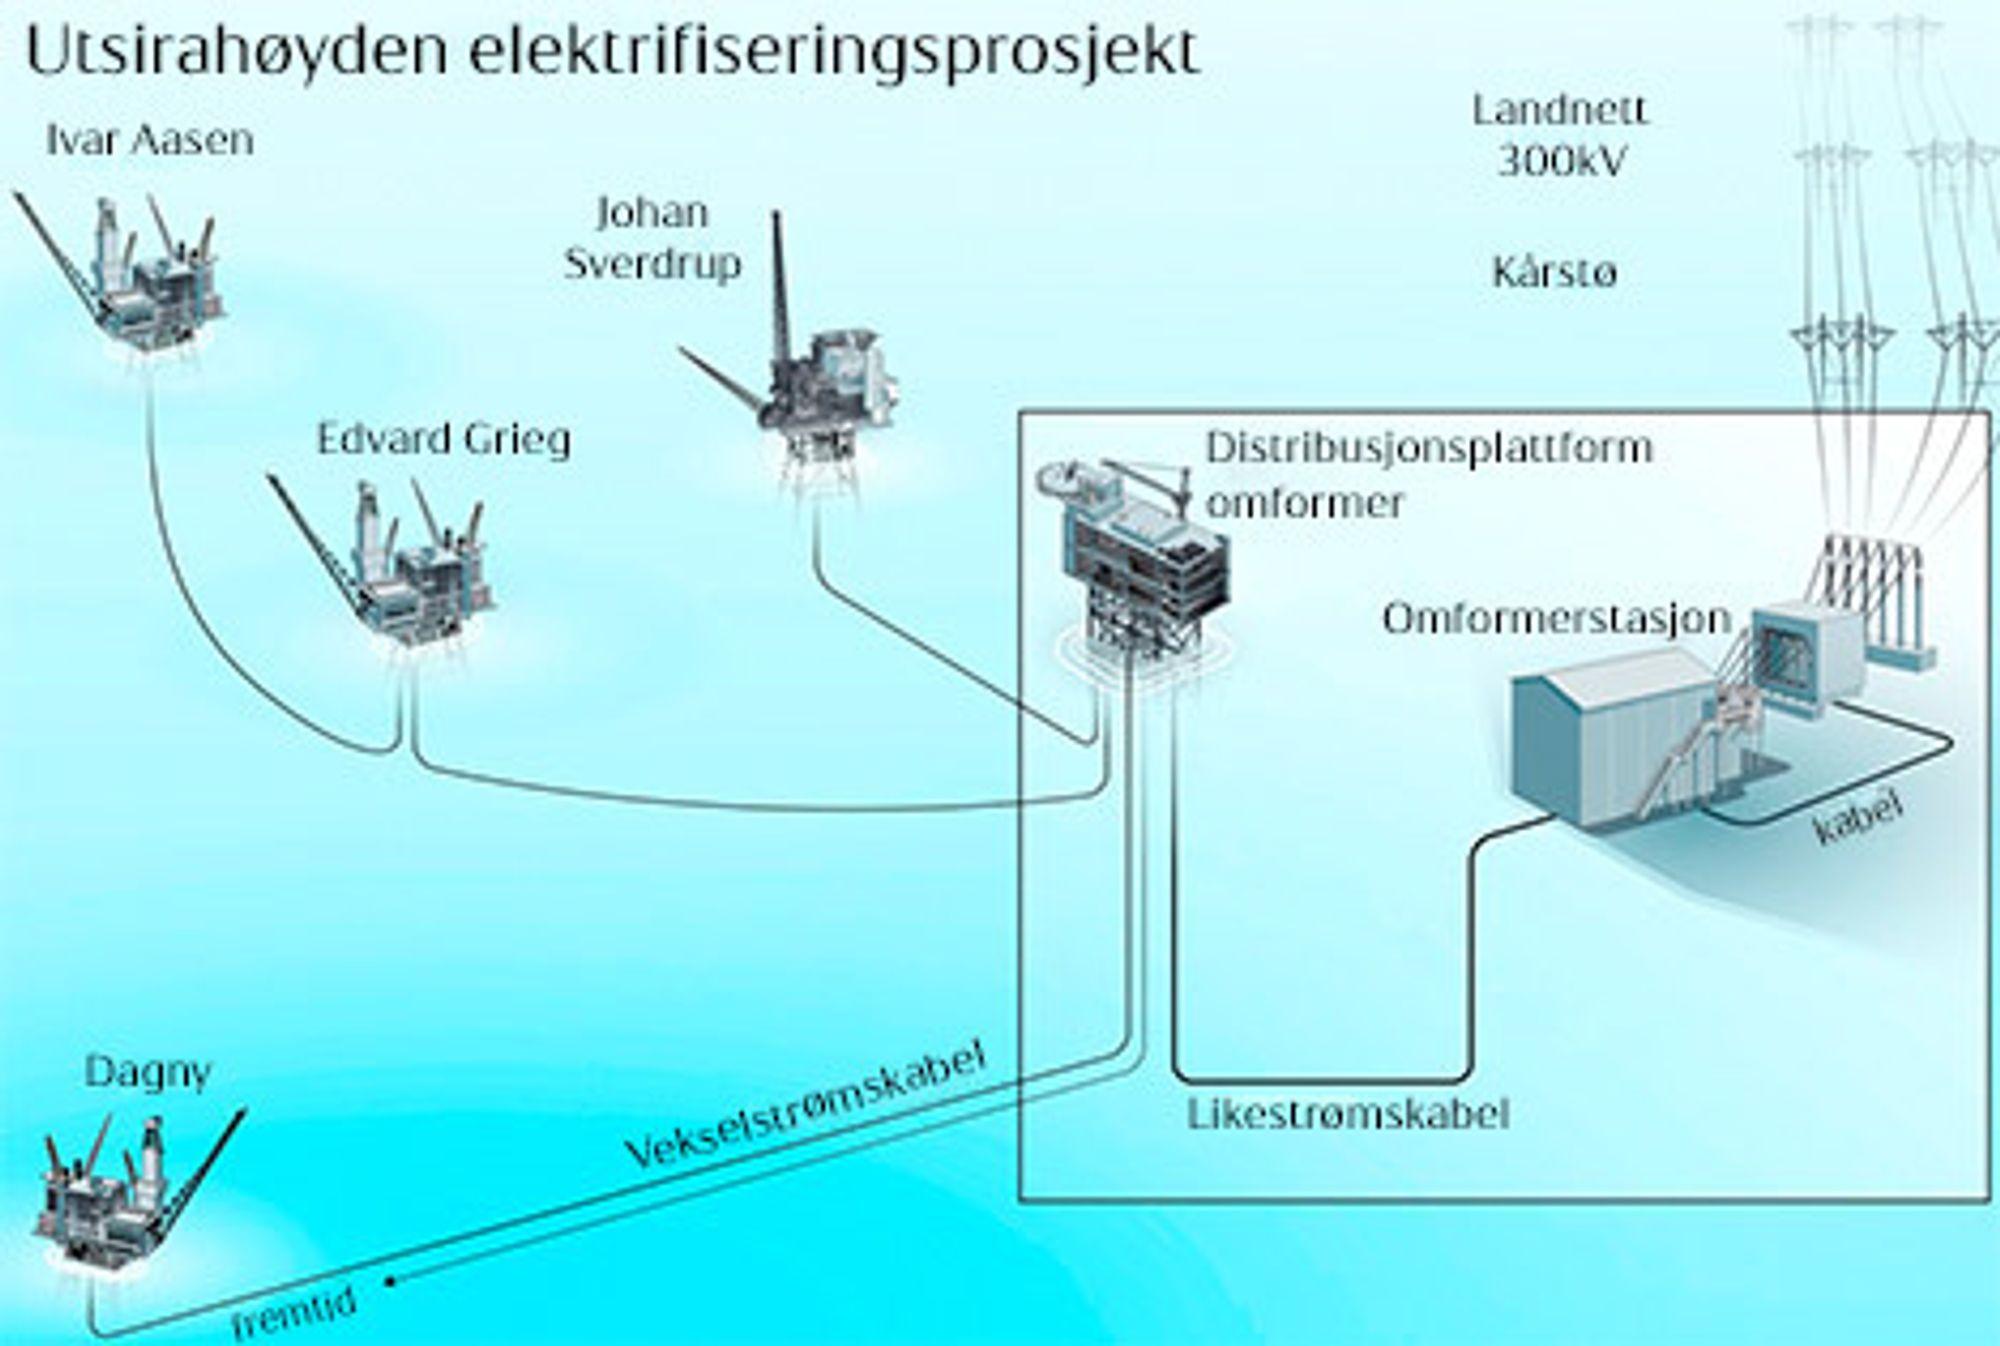 STORT OMRÅDE: Det hersker usikkerhet om Utsirahøyden kommer til å bli elektrifisert. Rådgiver Terje Sten Tveit i Agder Energi mener feltet har alle forutsetninger for dette og synes det er merkelig om det ikke skjer.